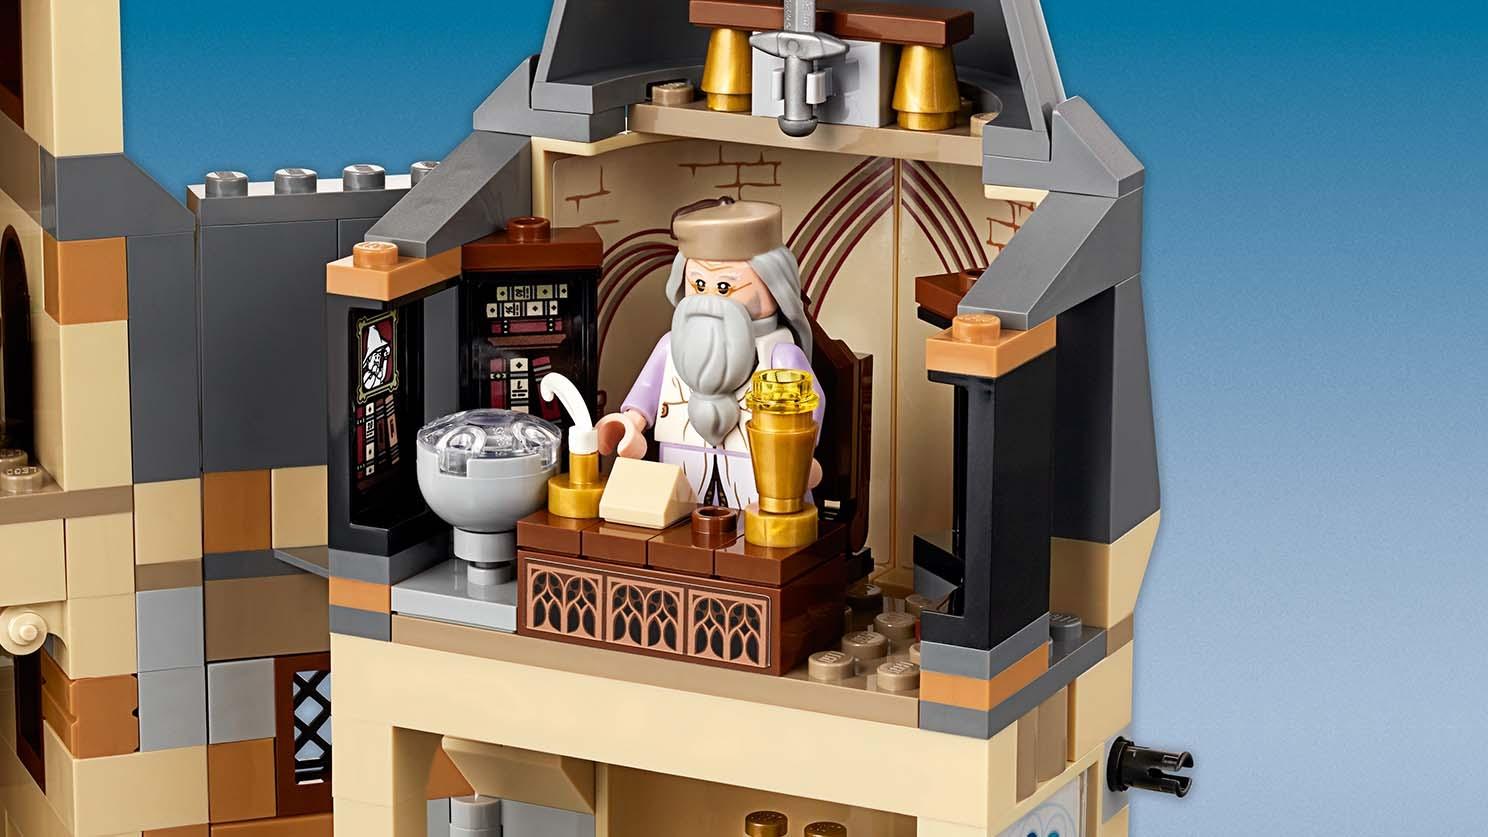 Hogwarts Clock Tower 75948 Lego Harry Potter Sets Lego Com